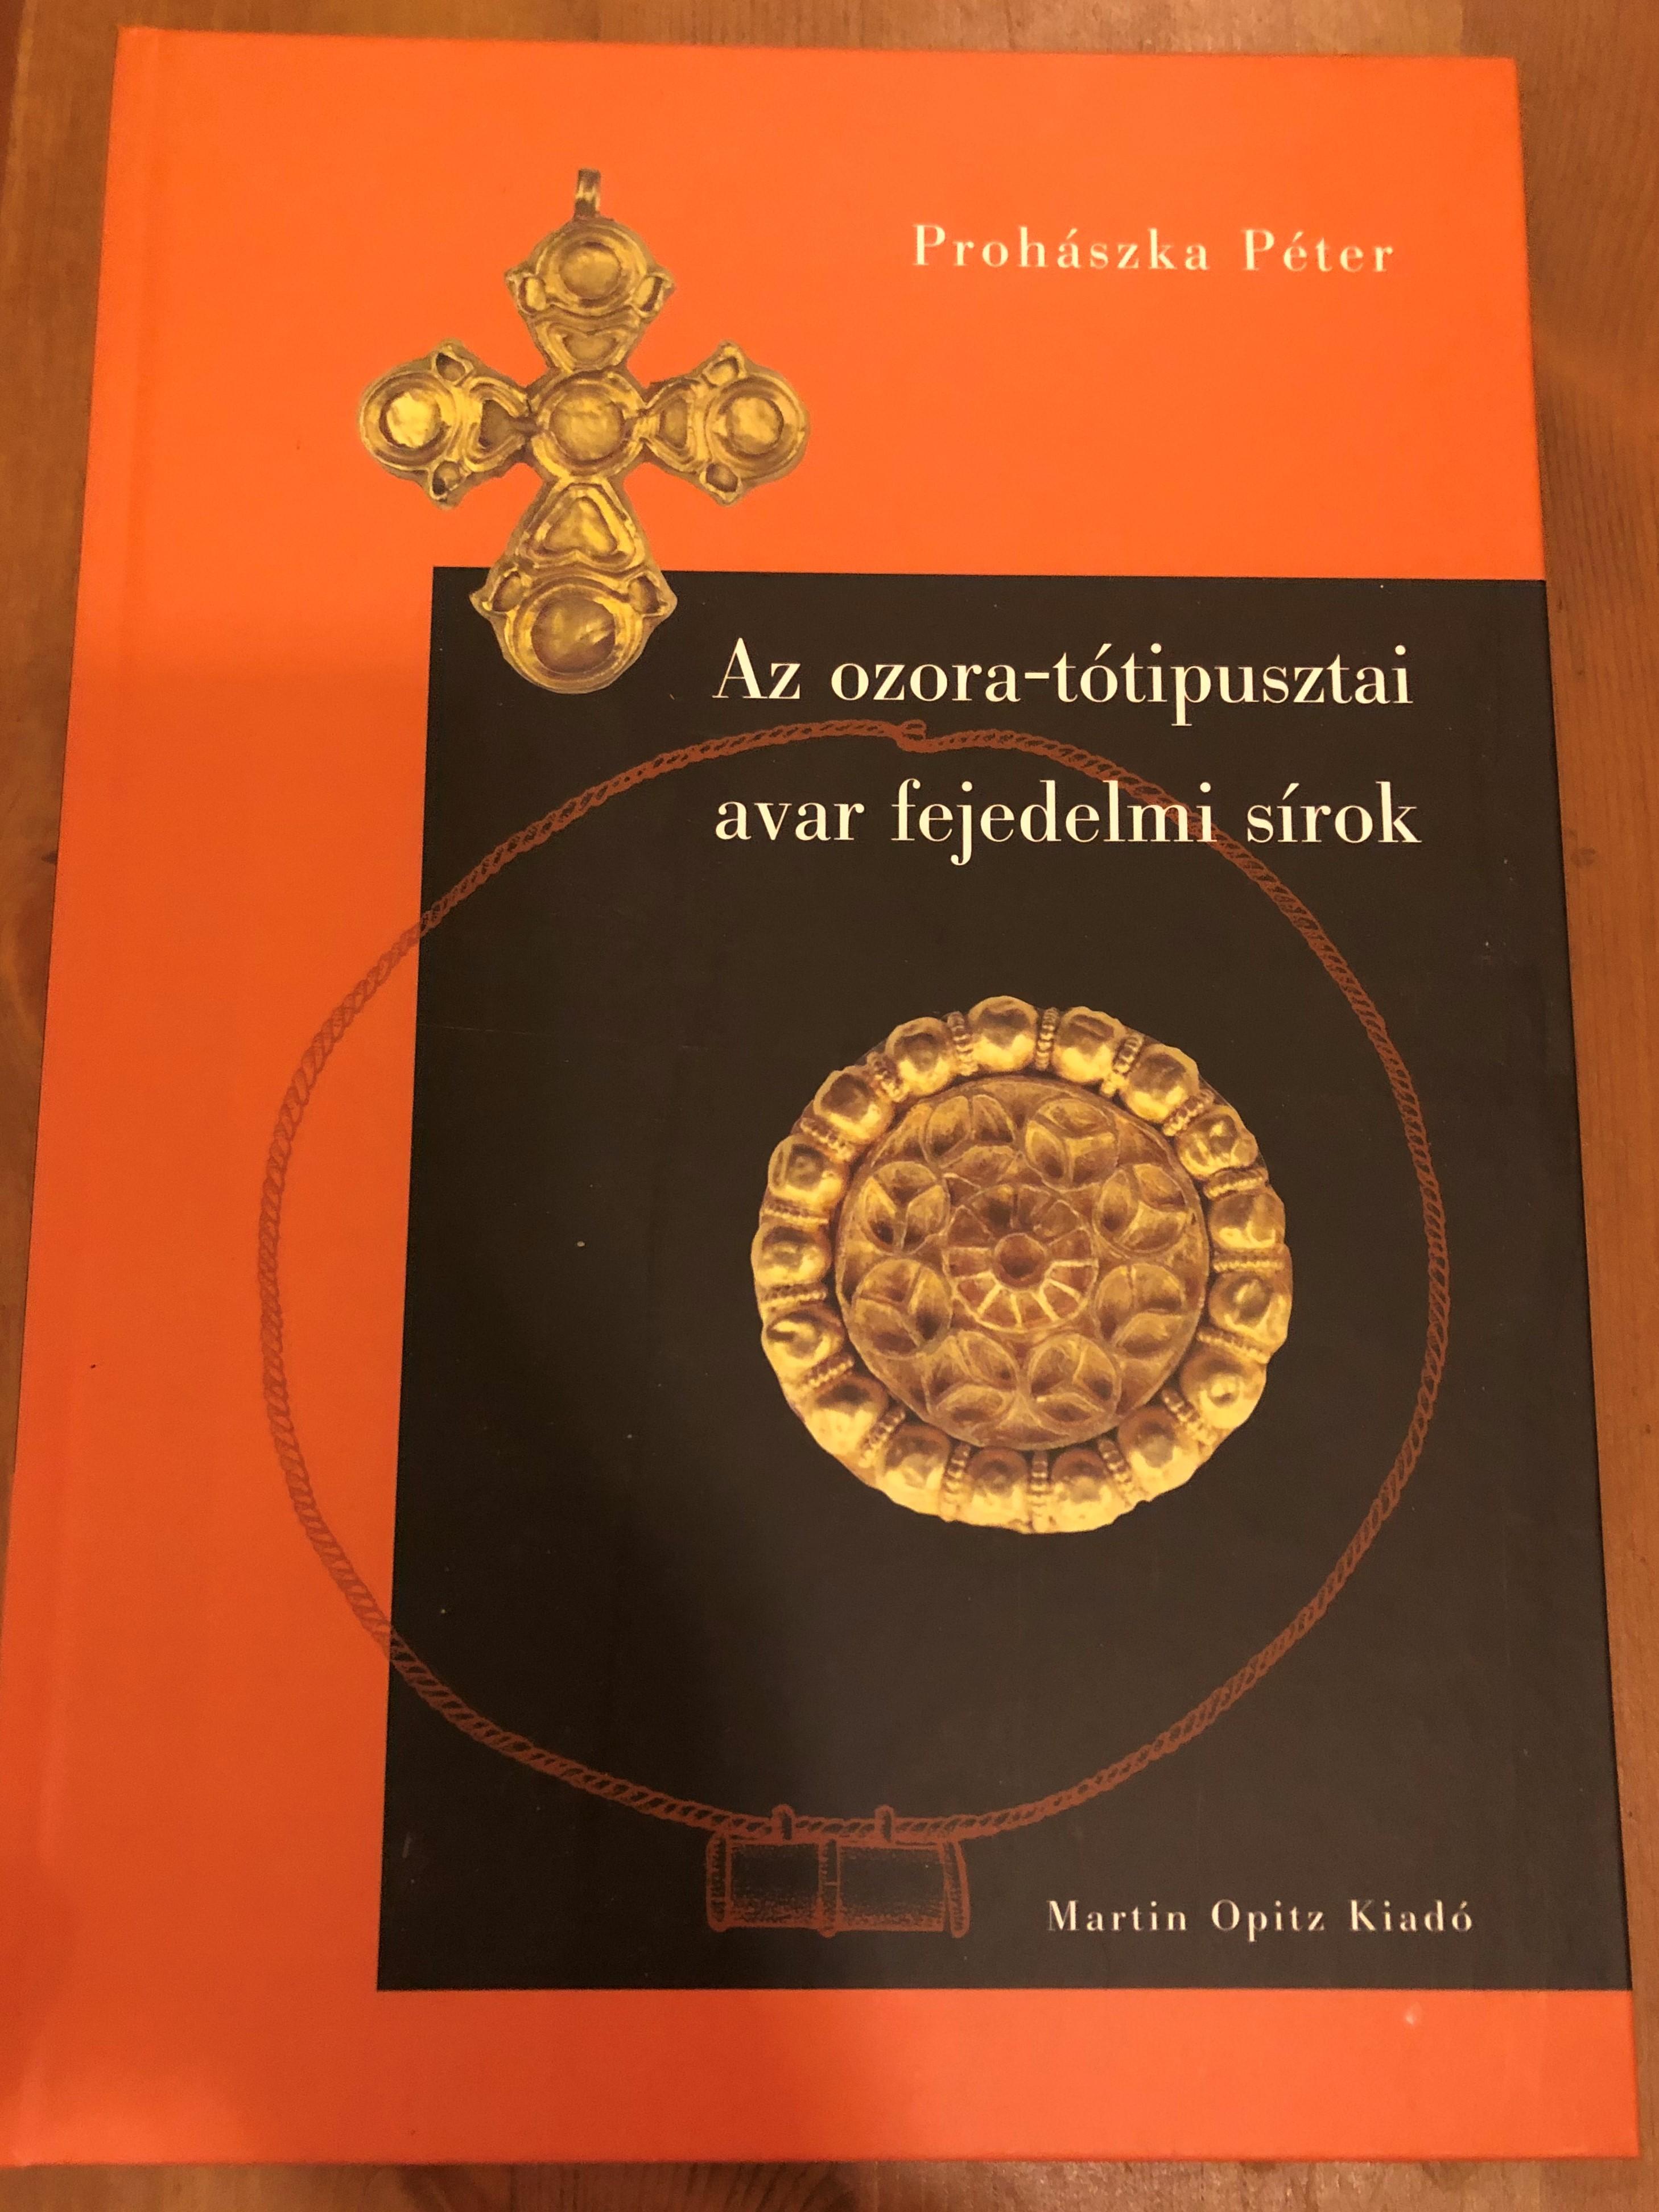 az-ozora-t-tipusztai-avar-fejedelmi-s-rok-by-proh-szka-p-ter-1.jpg